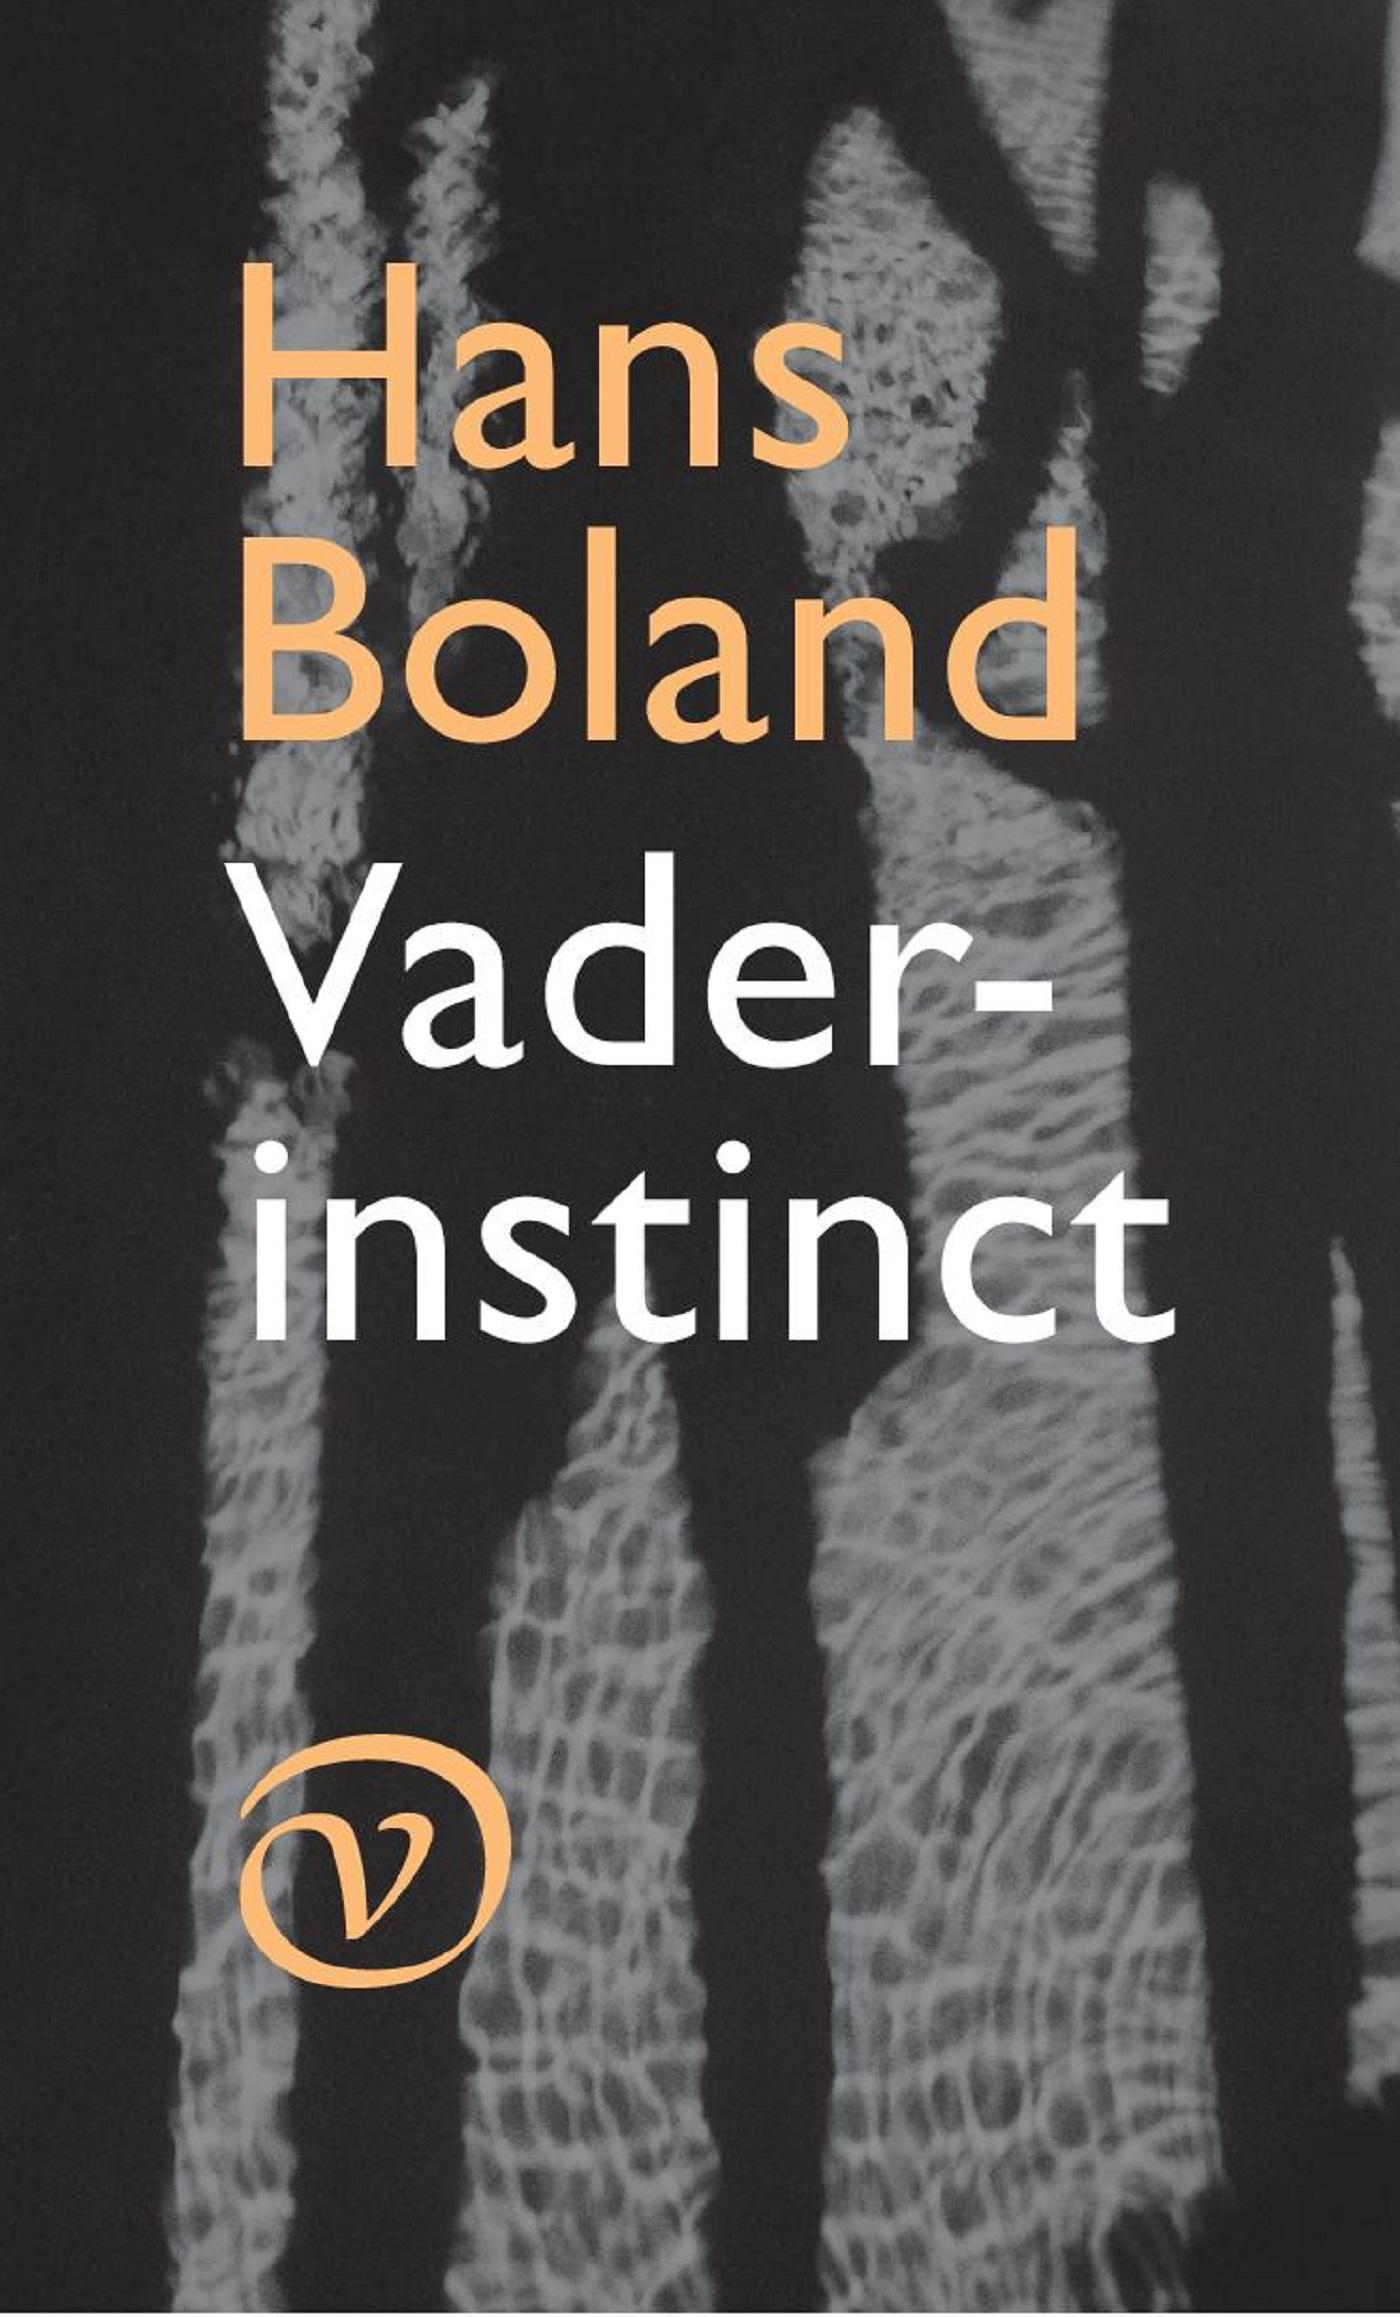 Vaderinstinct